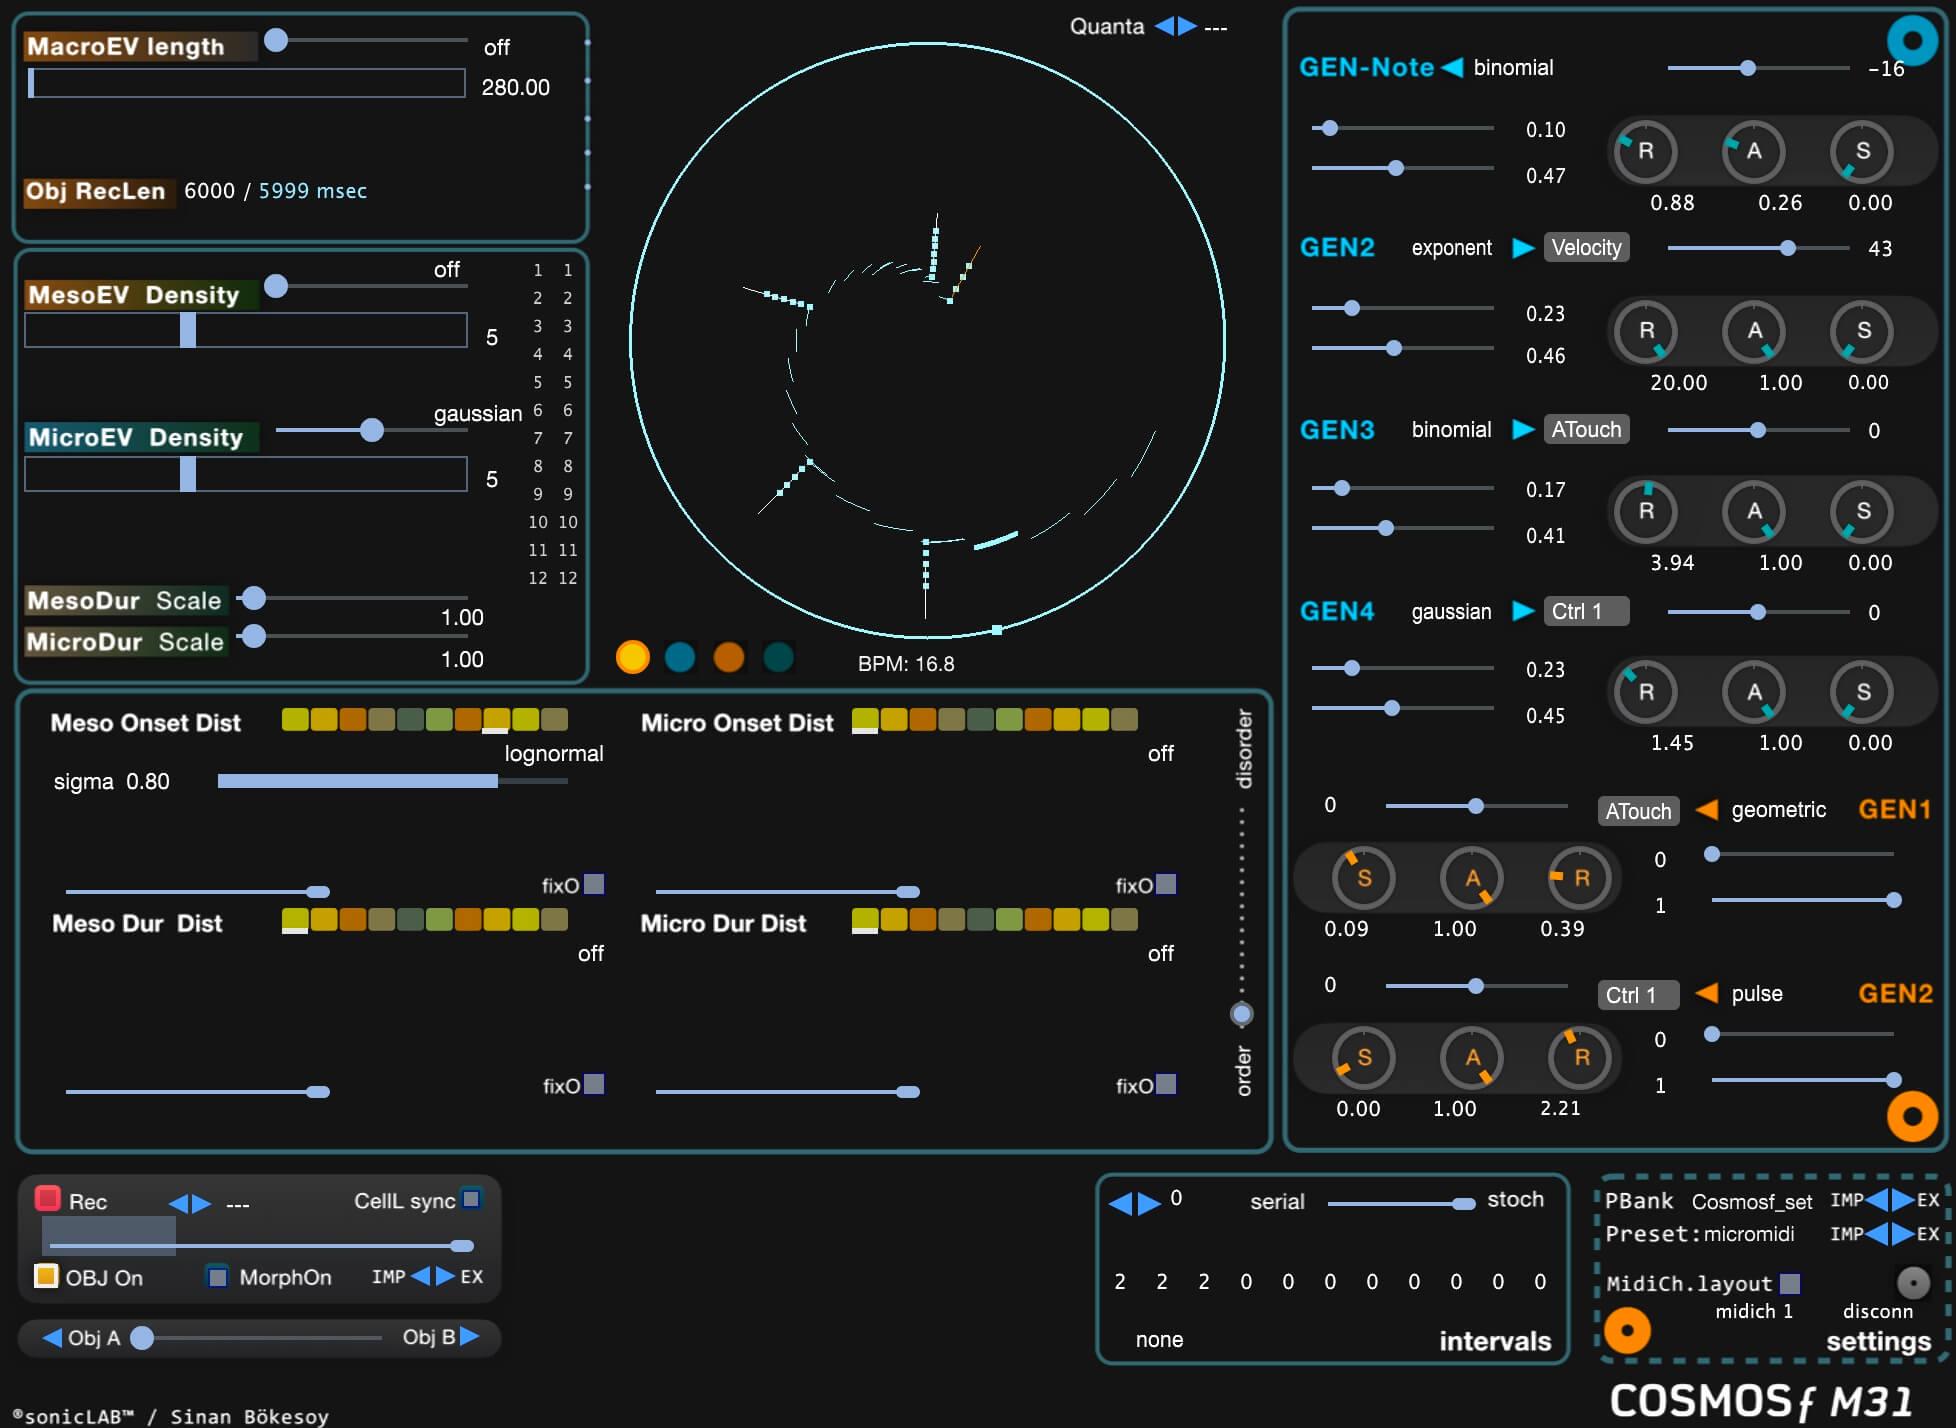 Cosmosƒ M31: Stochastic MIDI event processor by sonicLAB